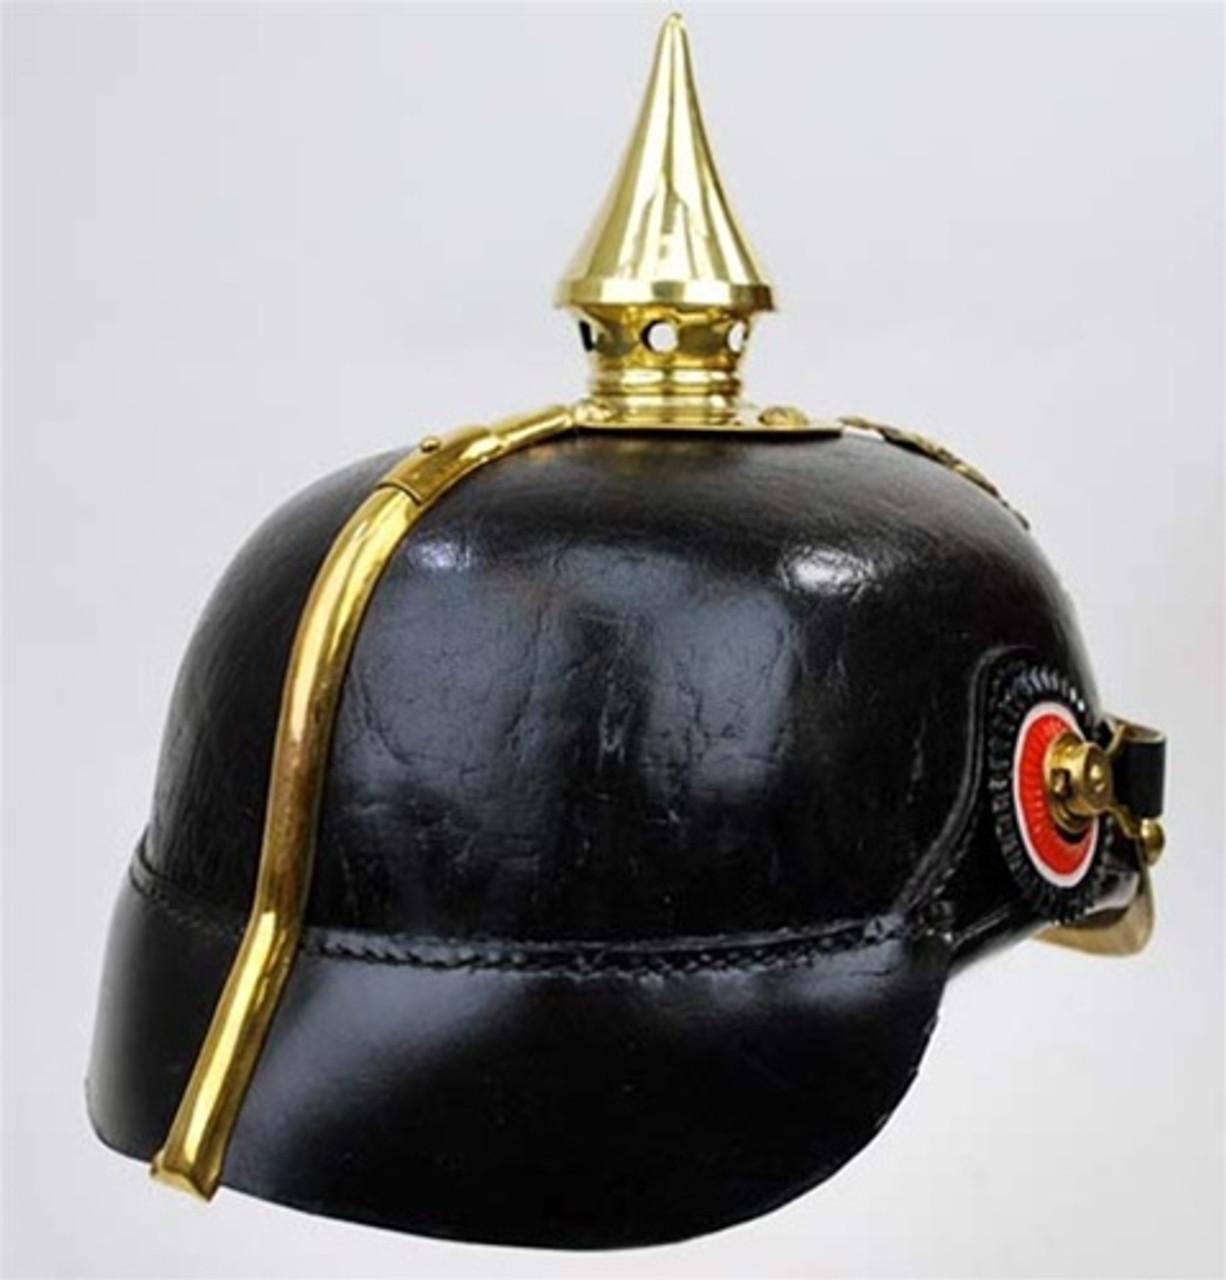 Baden Pickelhaube (Spiked Helmet) from Hessen Antique